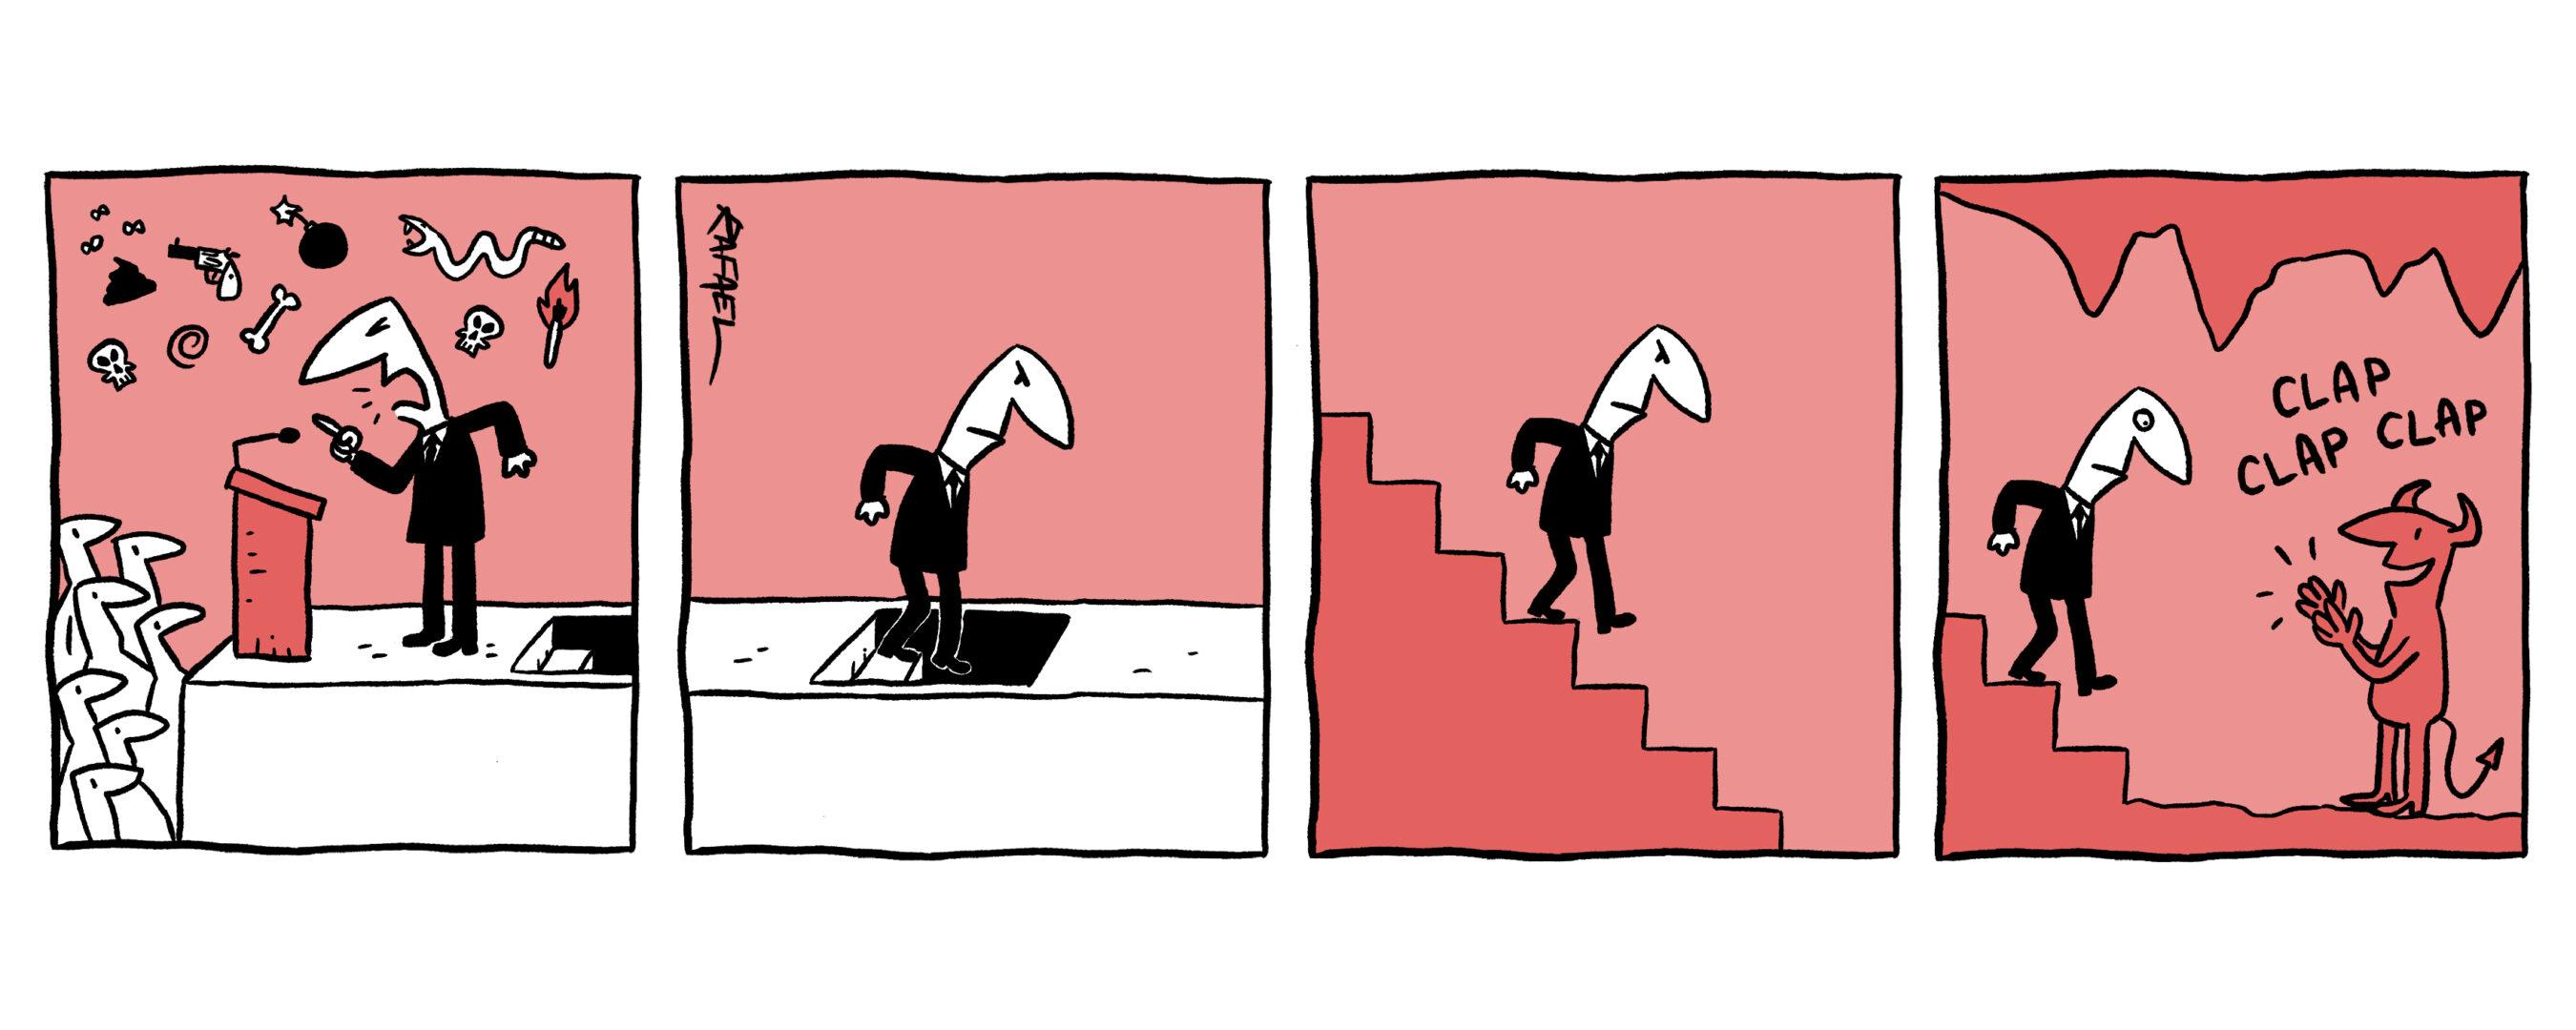 Rato Falho | Rafael Corrêa | Rafael Corrêa